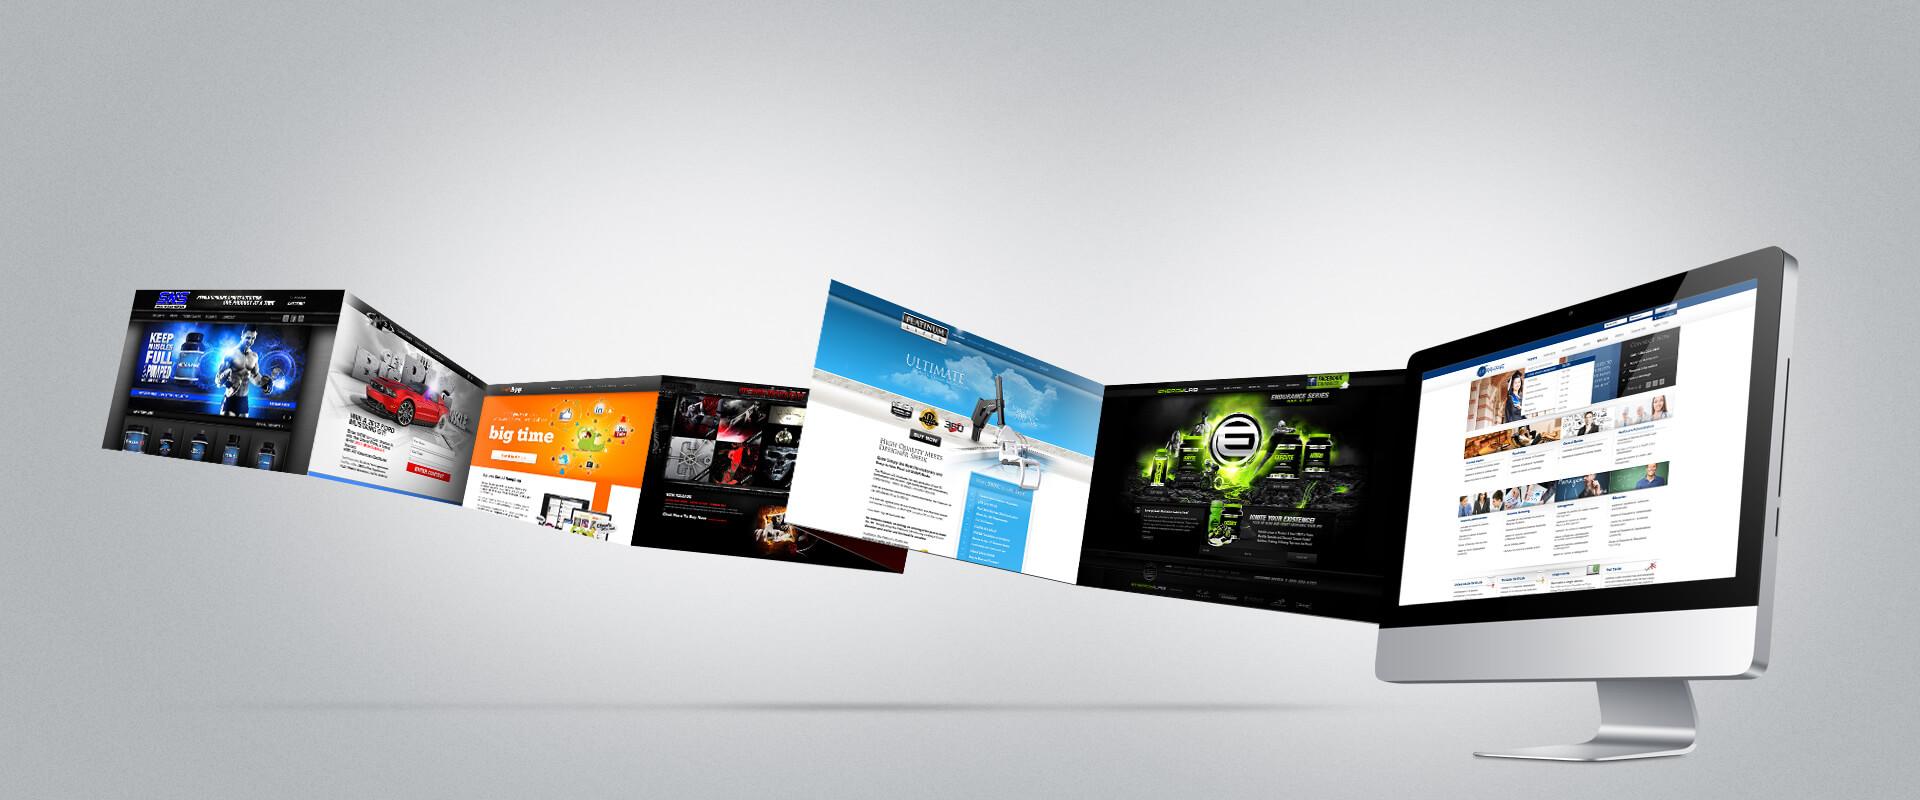 طراحی سایت در کرج طراحی سایت